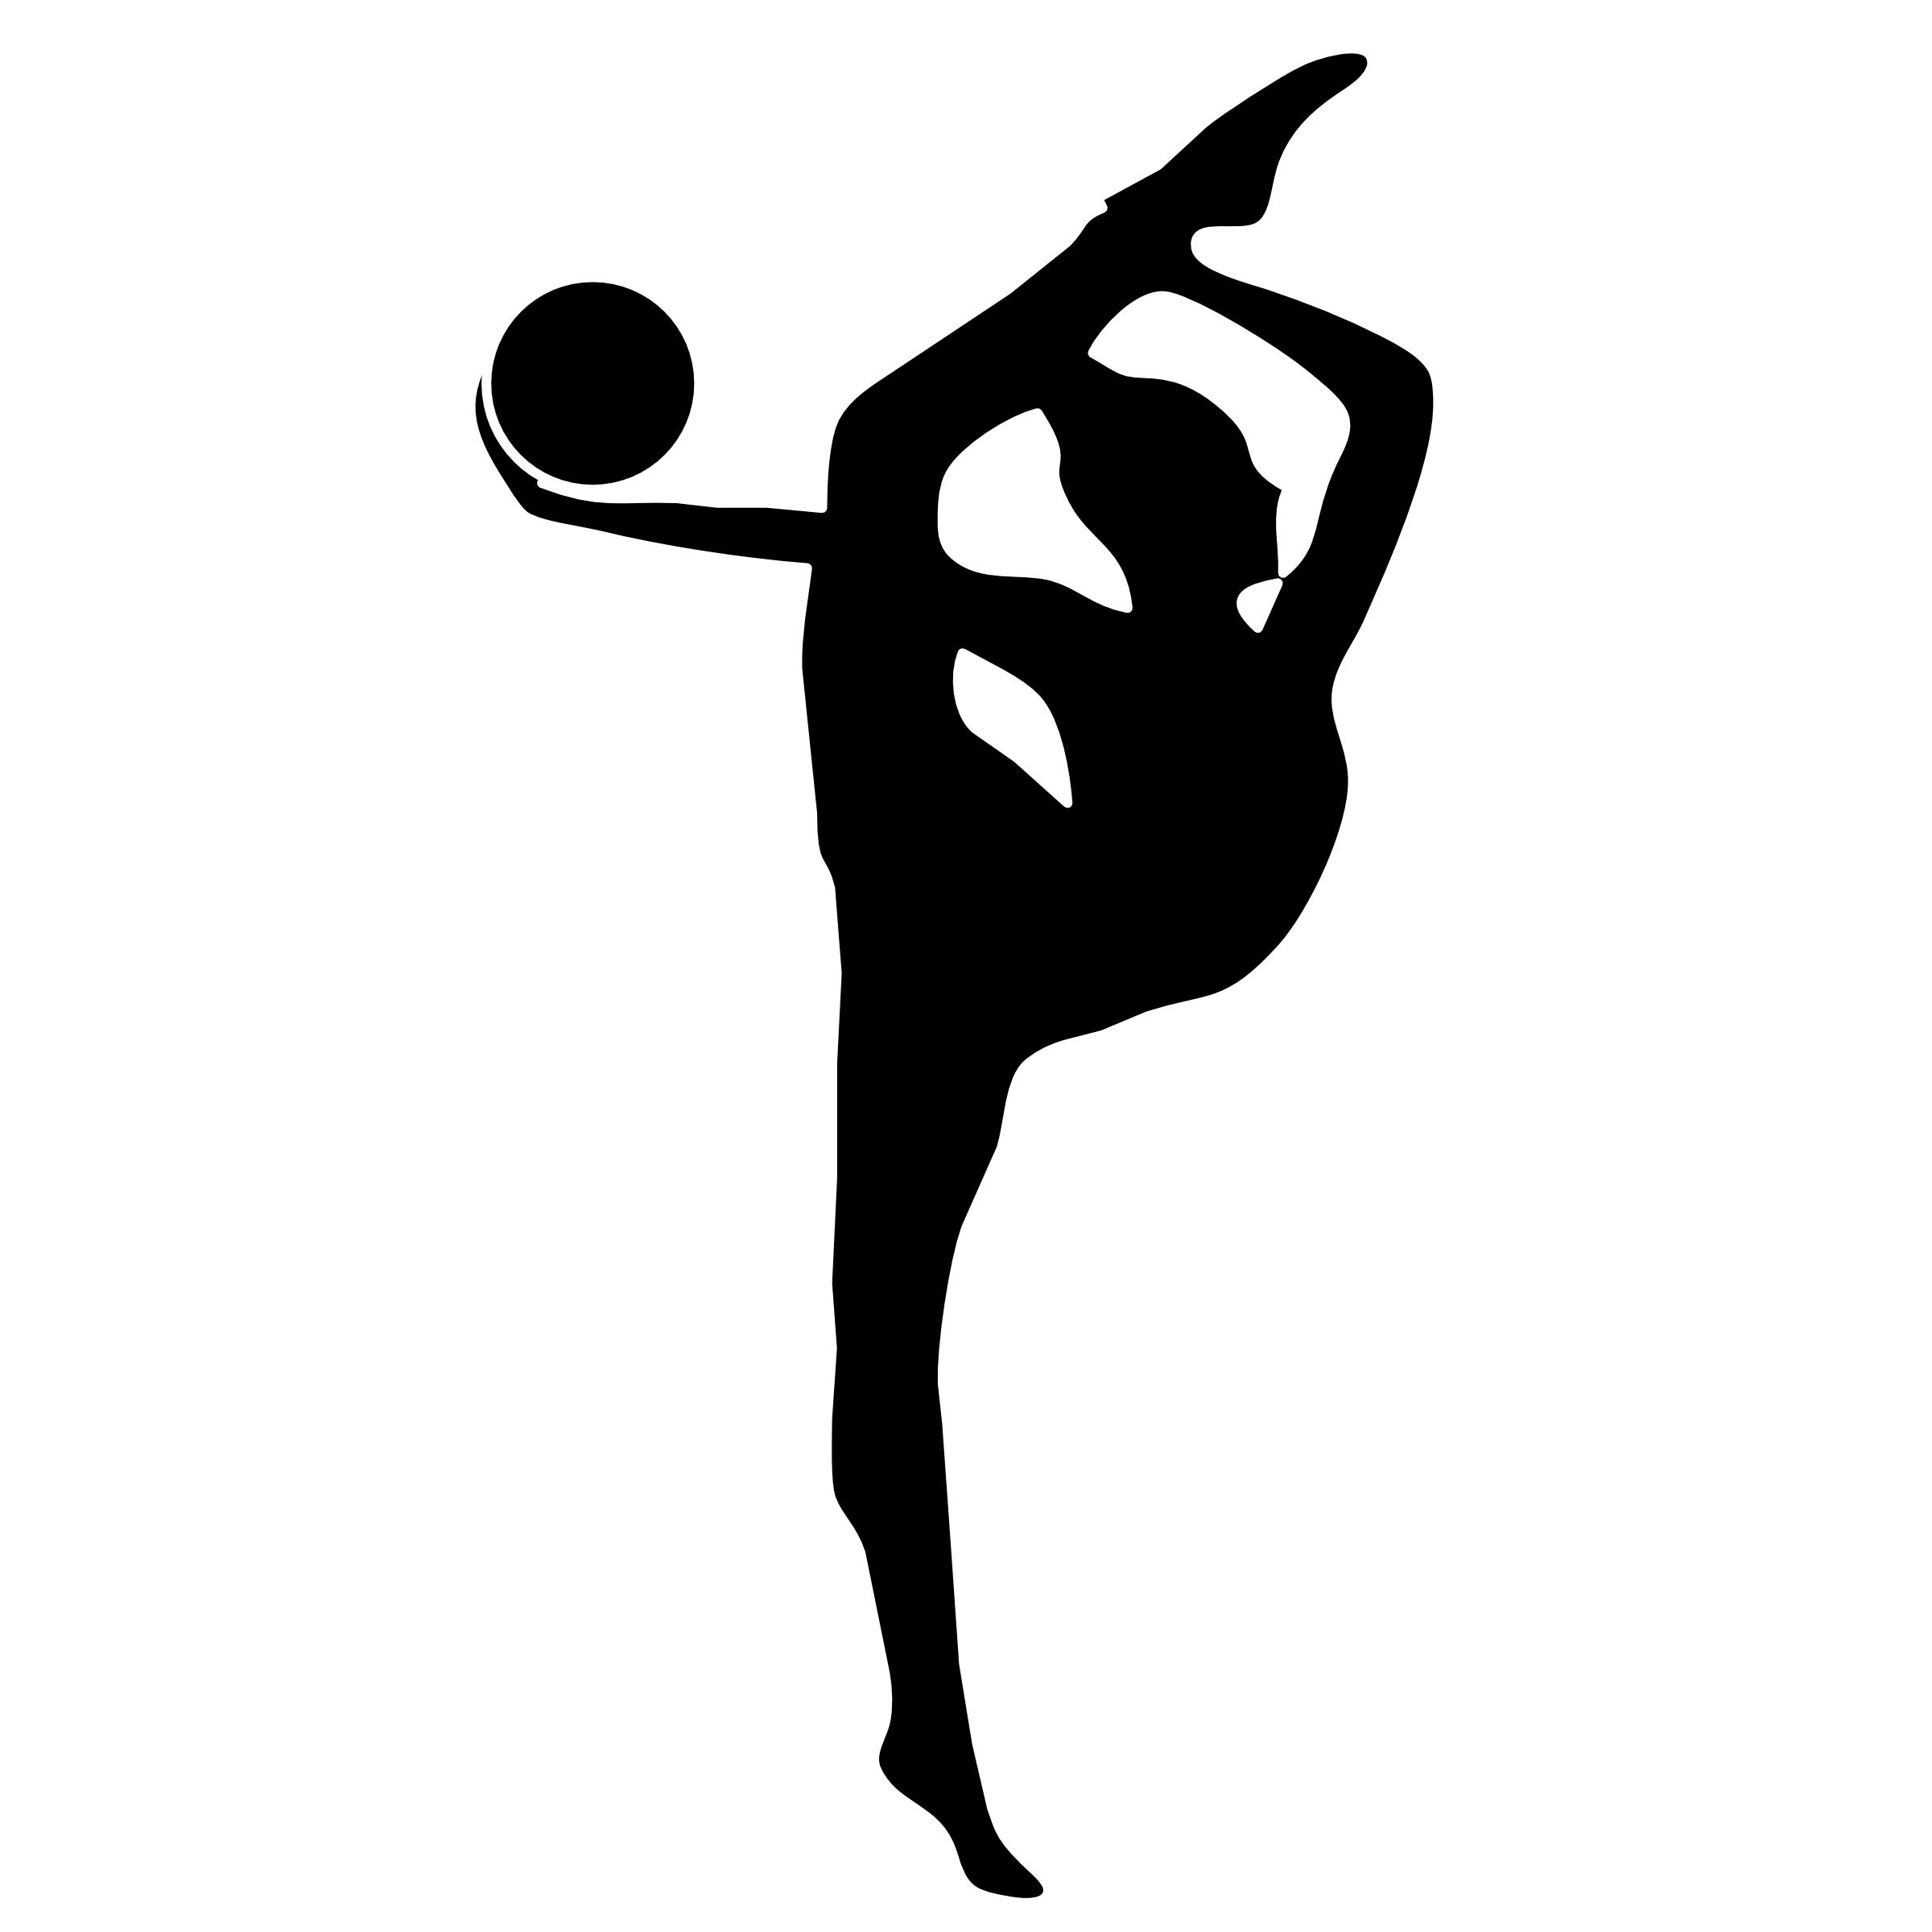 Vault gymnastics clipart transparent download Gymnastics Silhouettes Transparent | Free Download Clip Art | Free ... transparent download